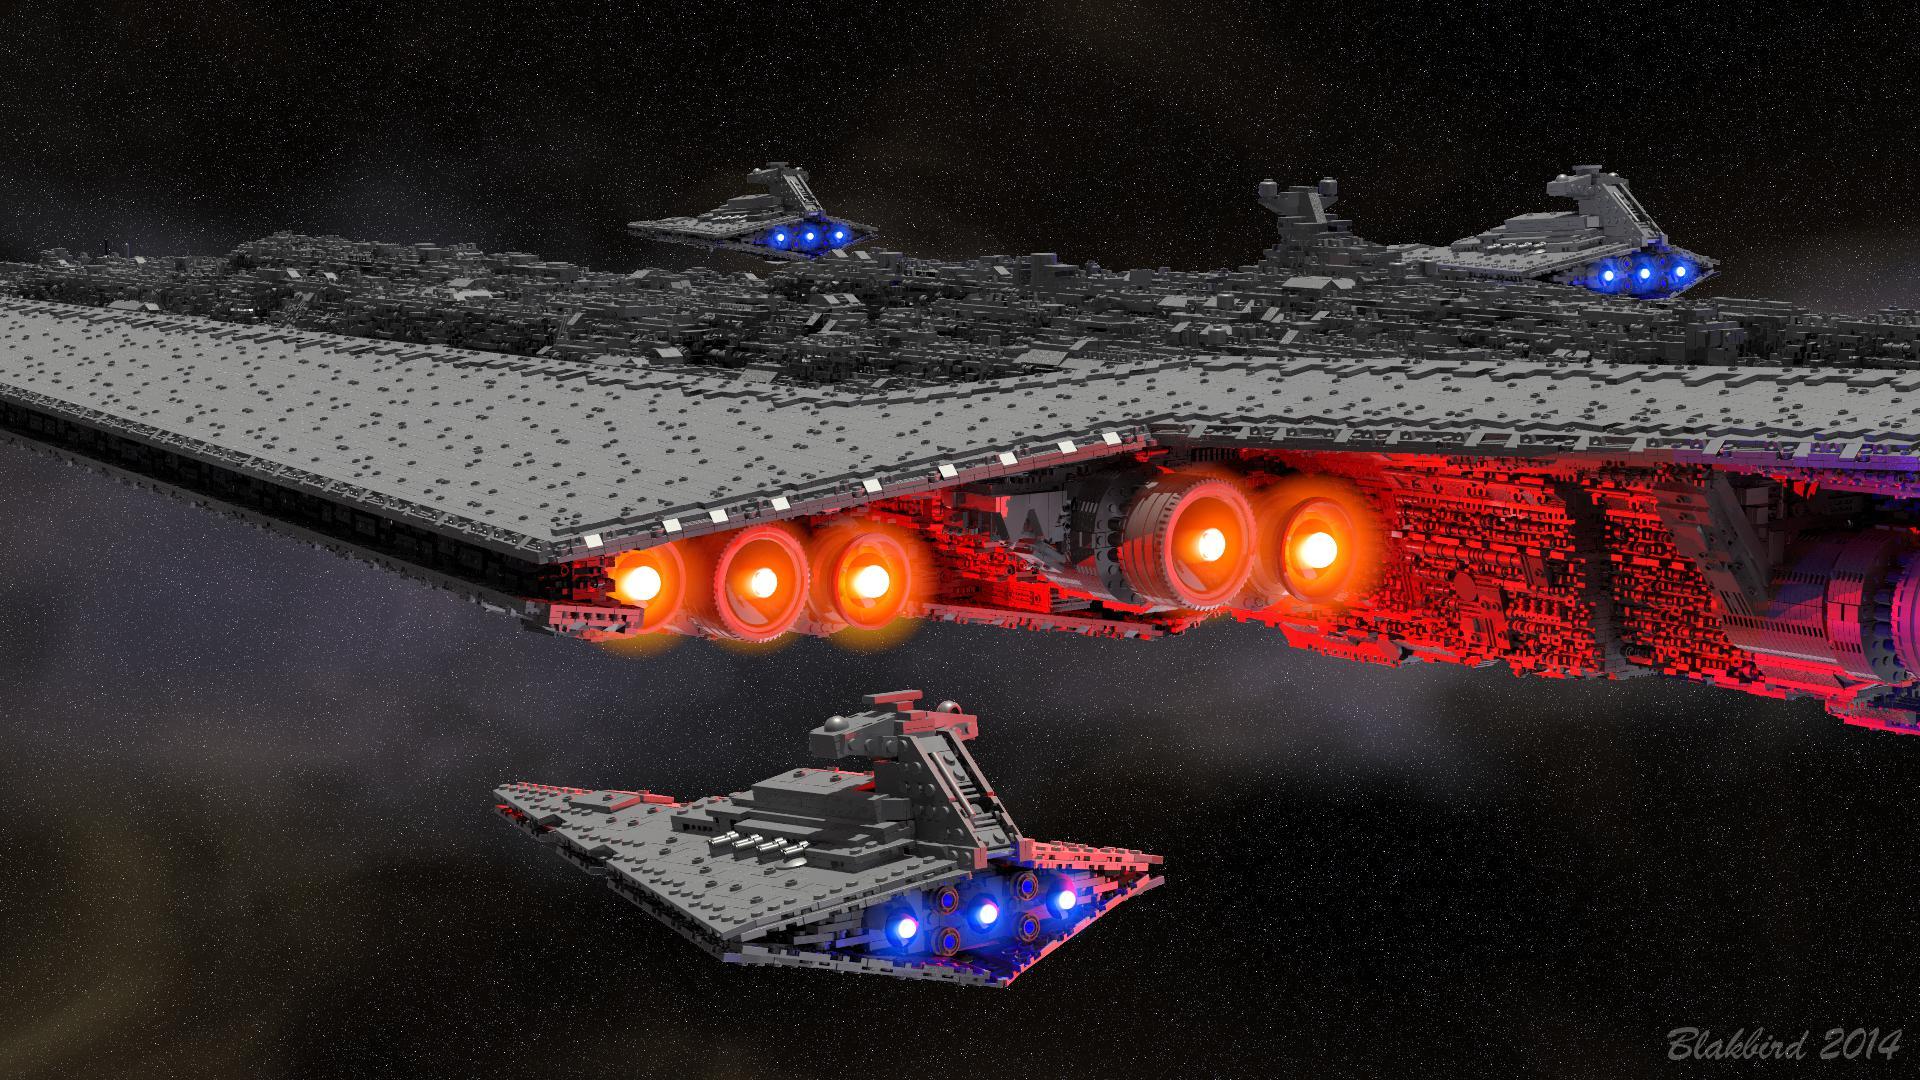 Lego Star Wars Wallpaper Hd Super Star Destroyer Bricksafe